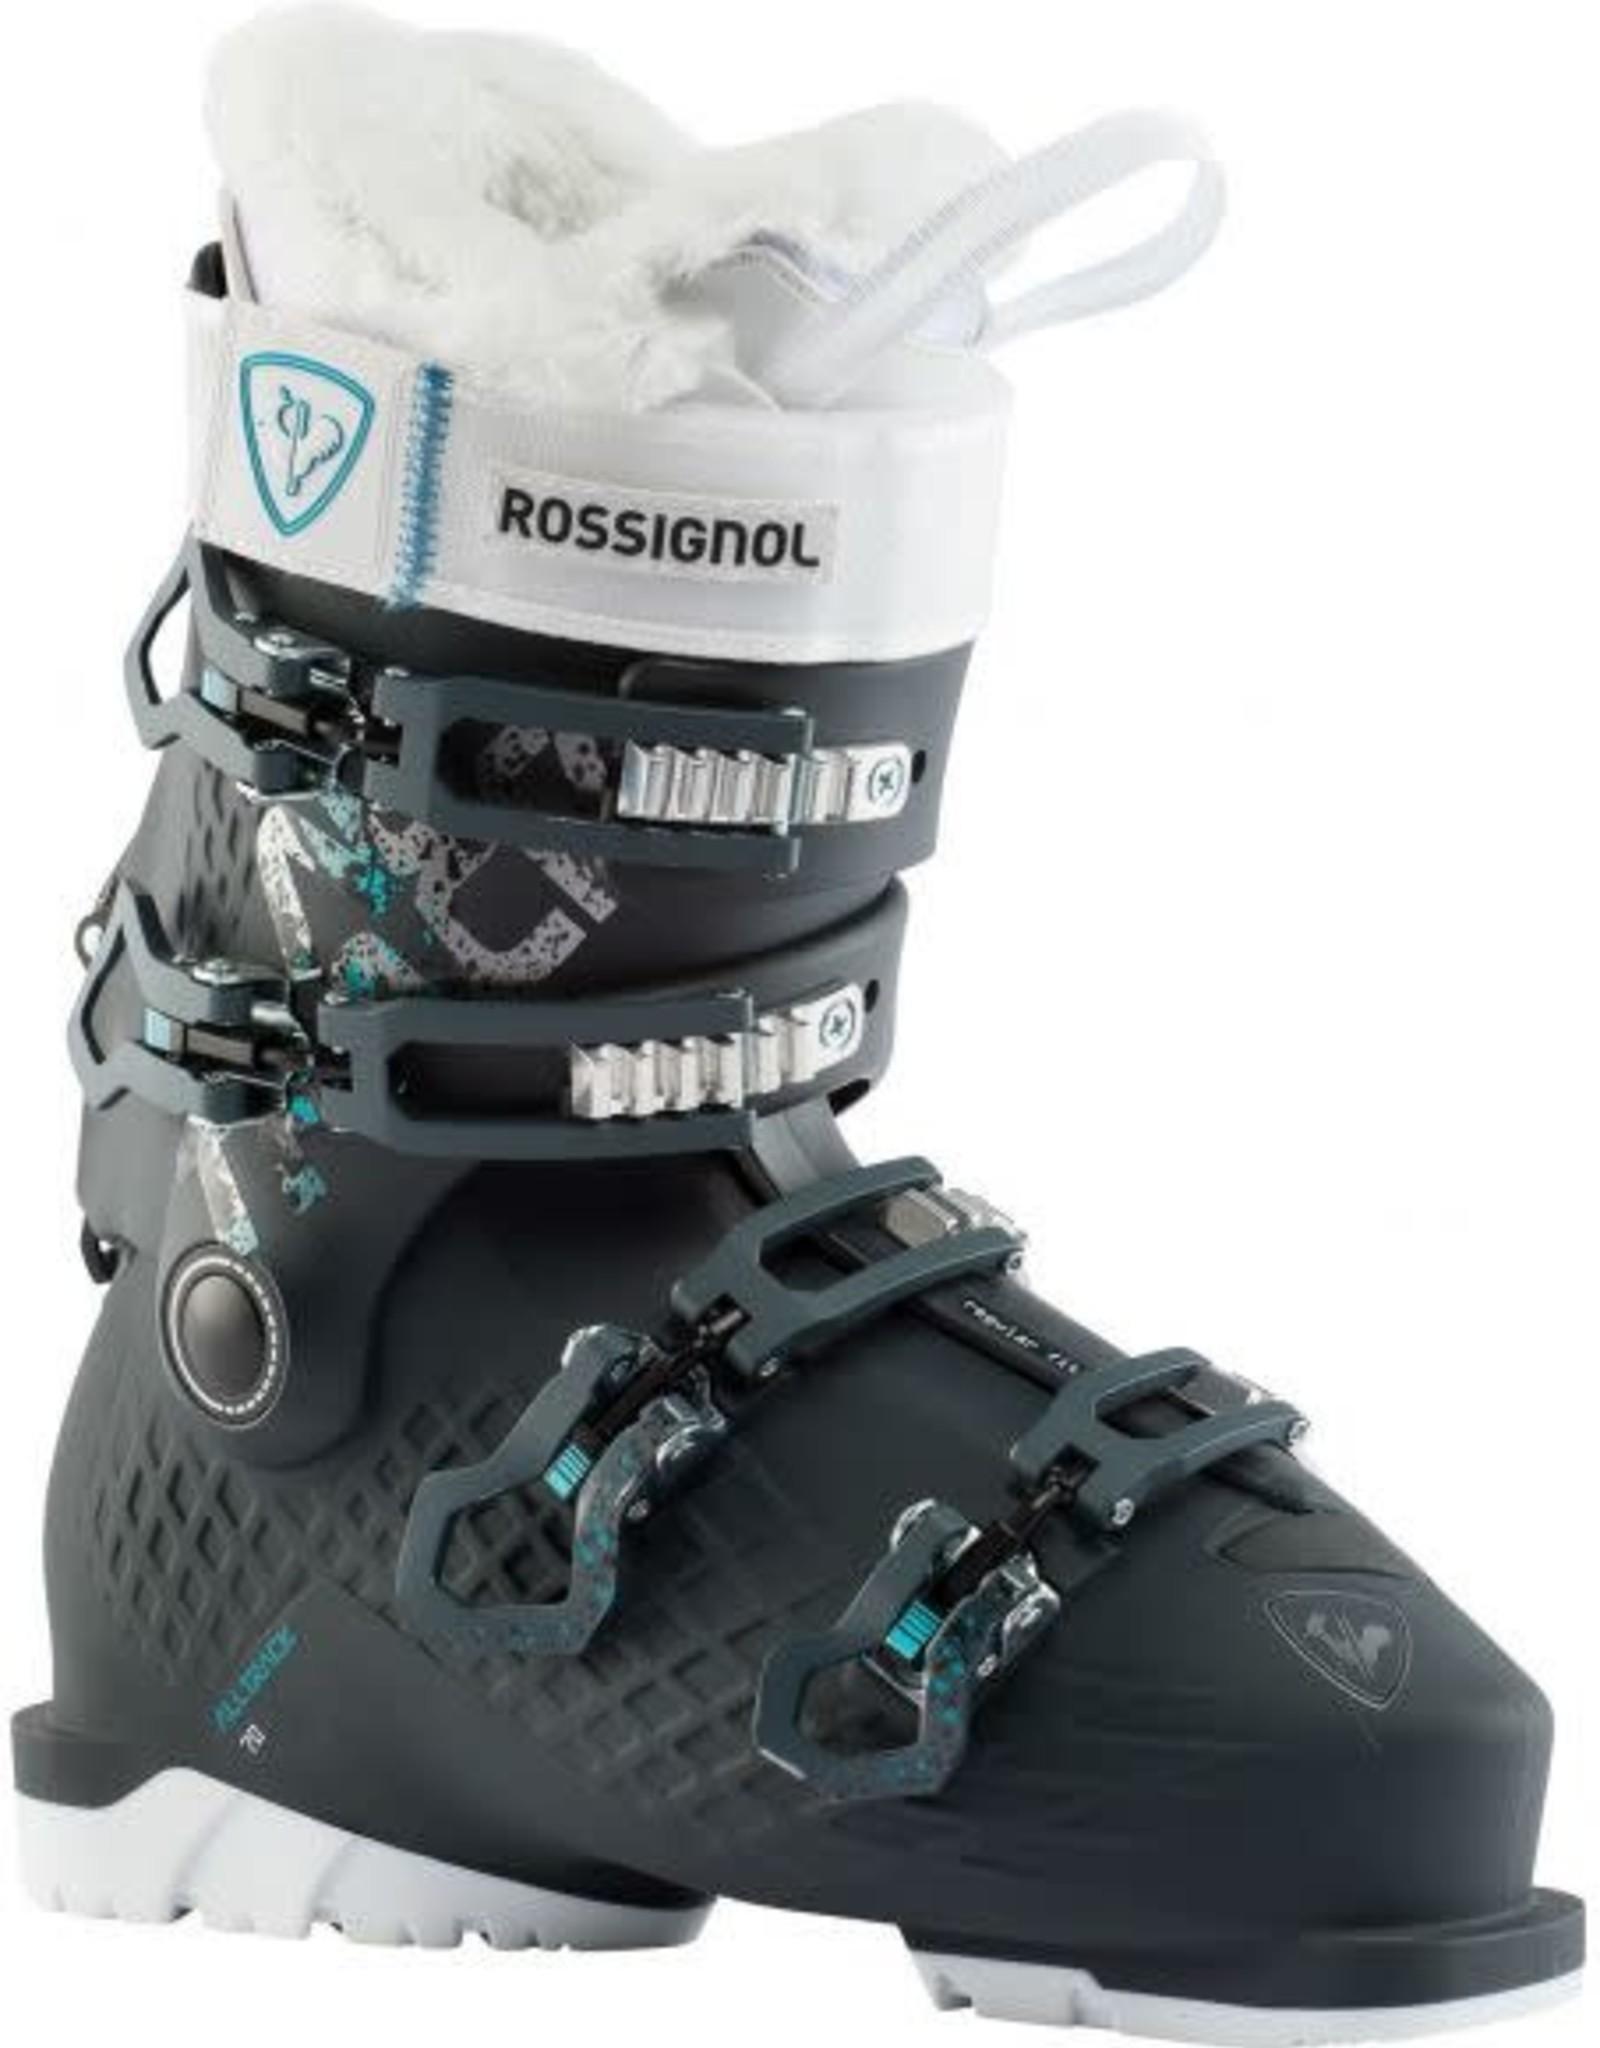 Rossignol Rossignol - Wmns ALLTRACK 70W - Drk Iron -